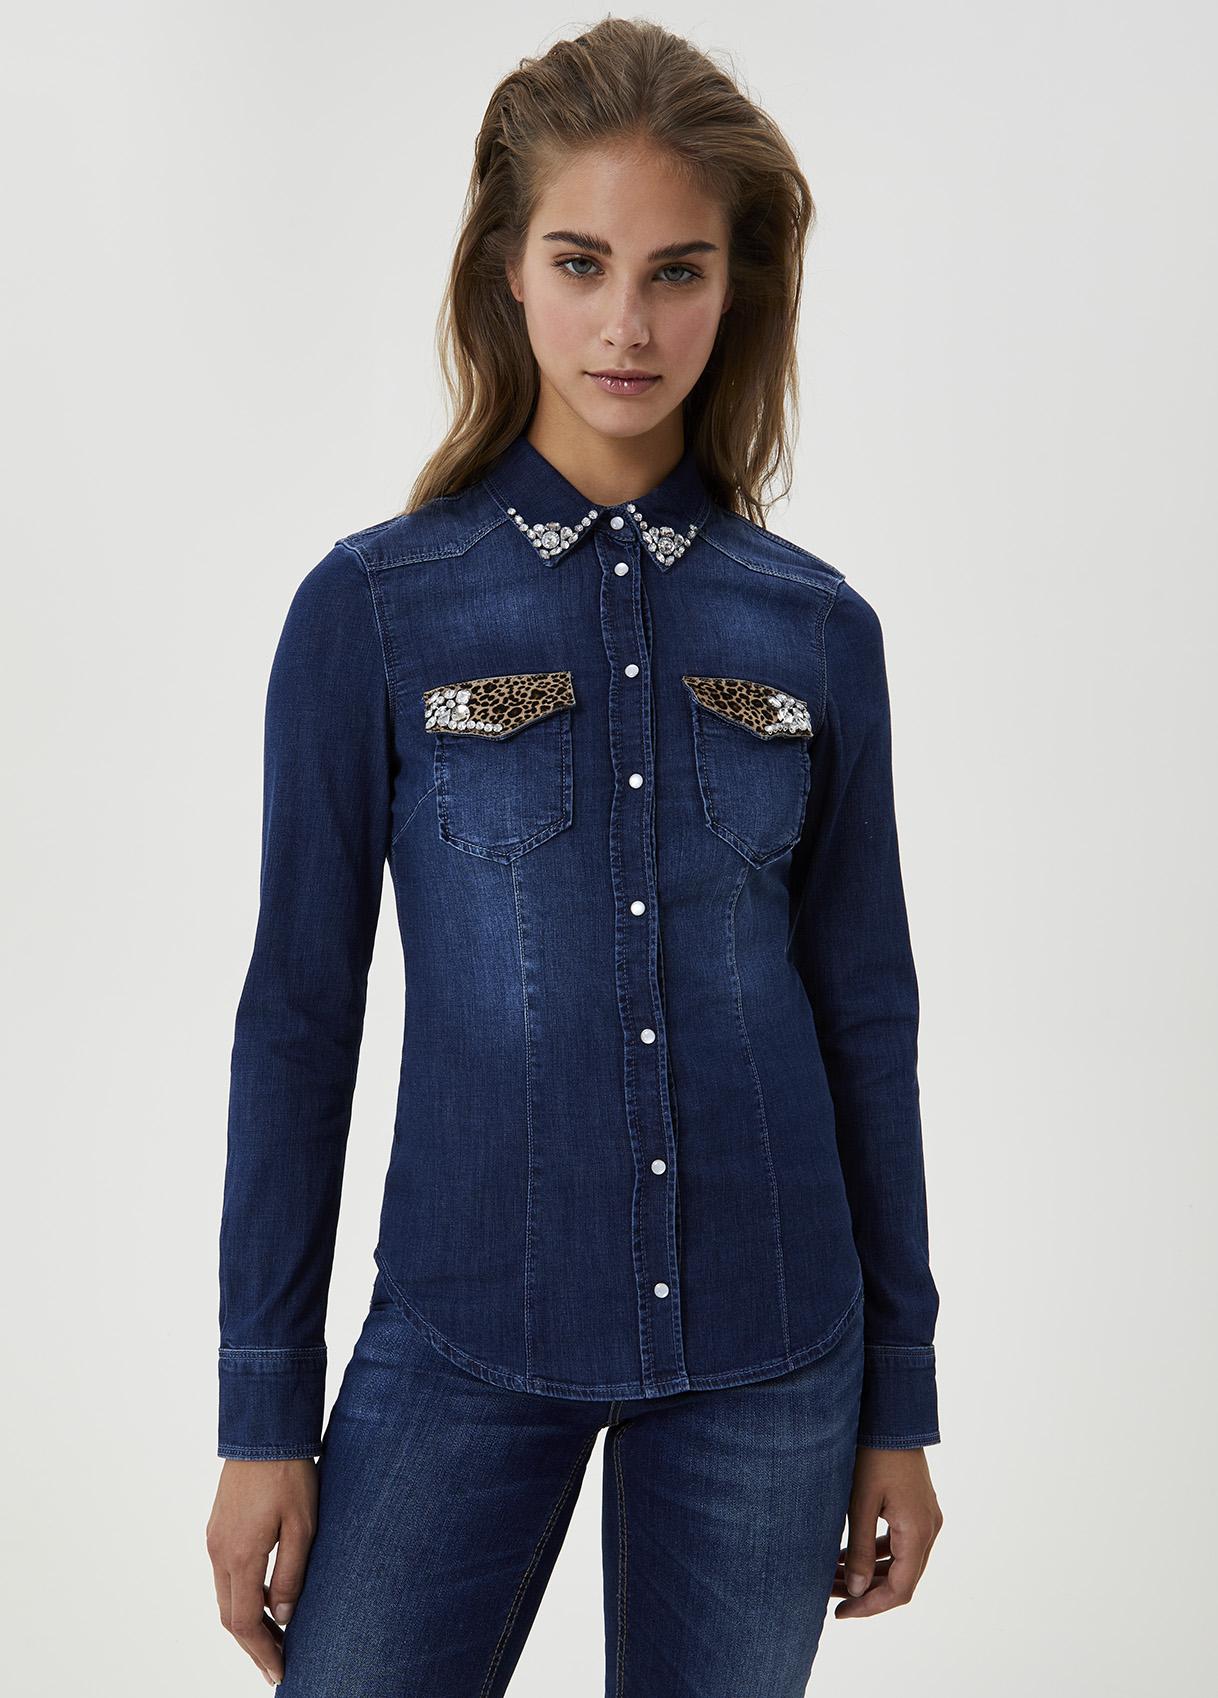 Camicia di jeans con applicazioni-77917-liujo-large